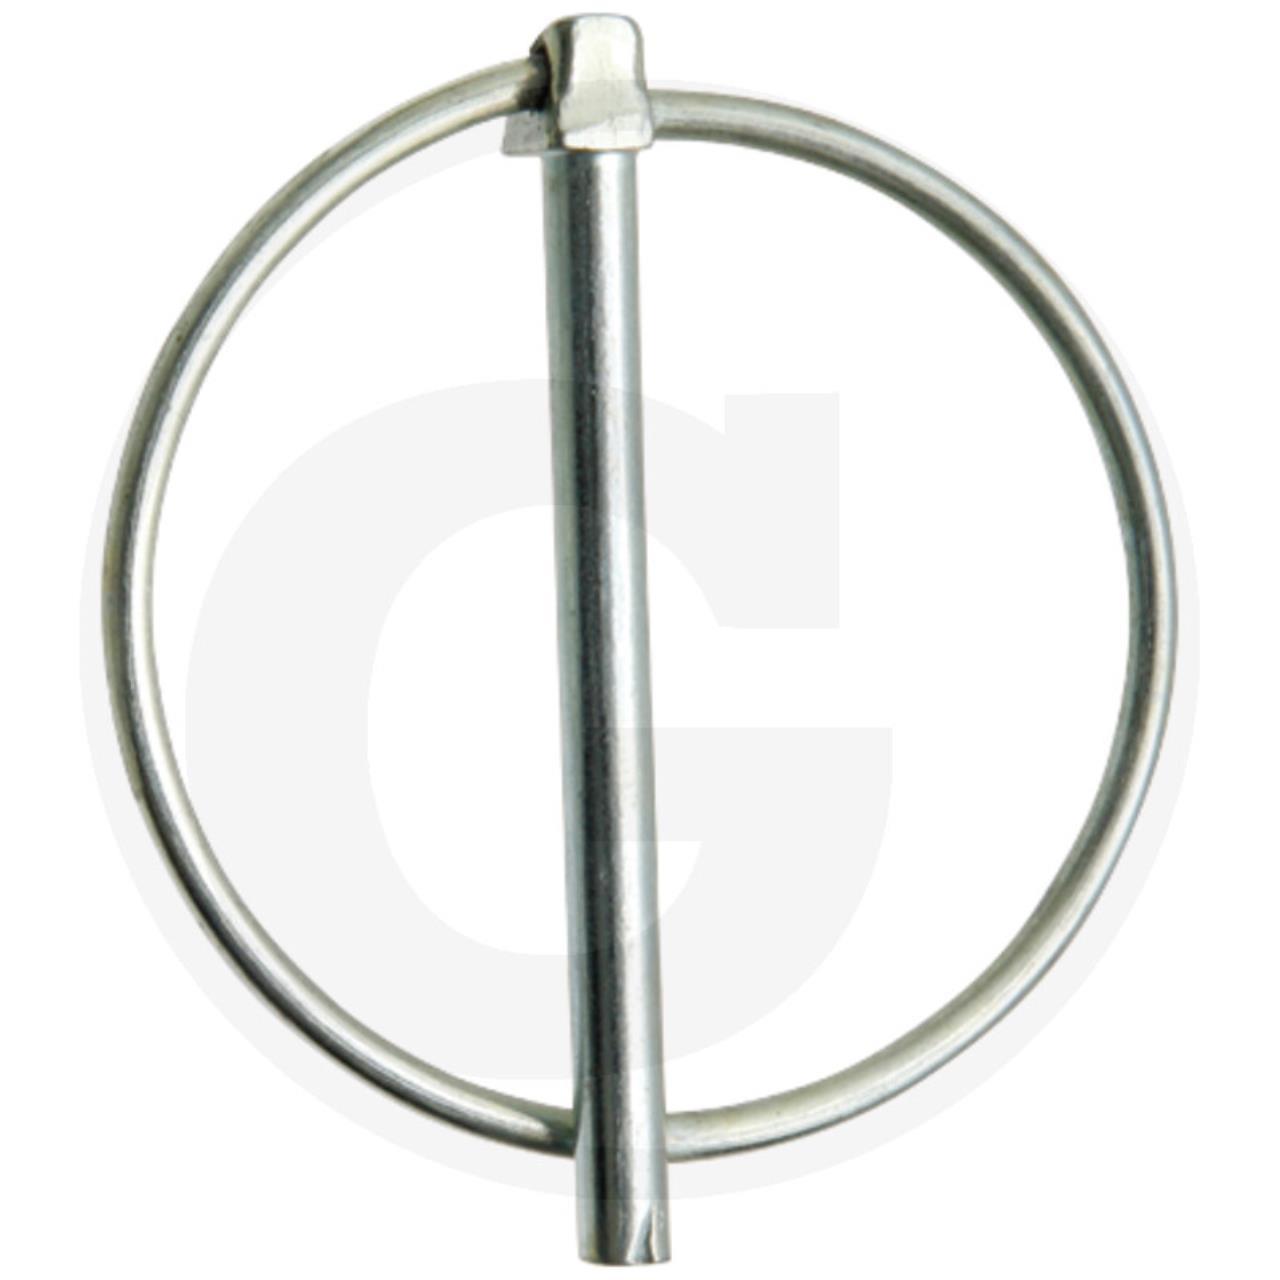 Ringsplit 6X70(60) mm stift, stor ring